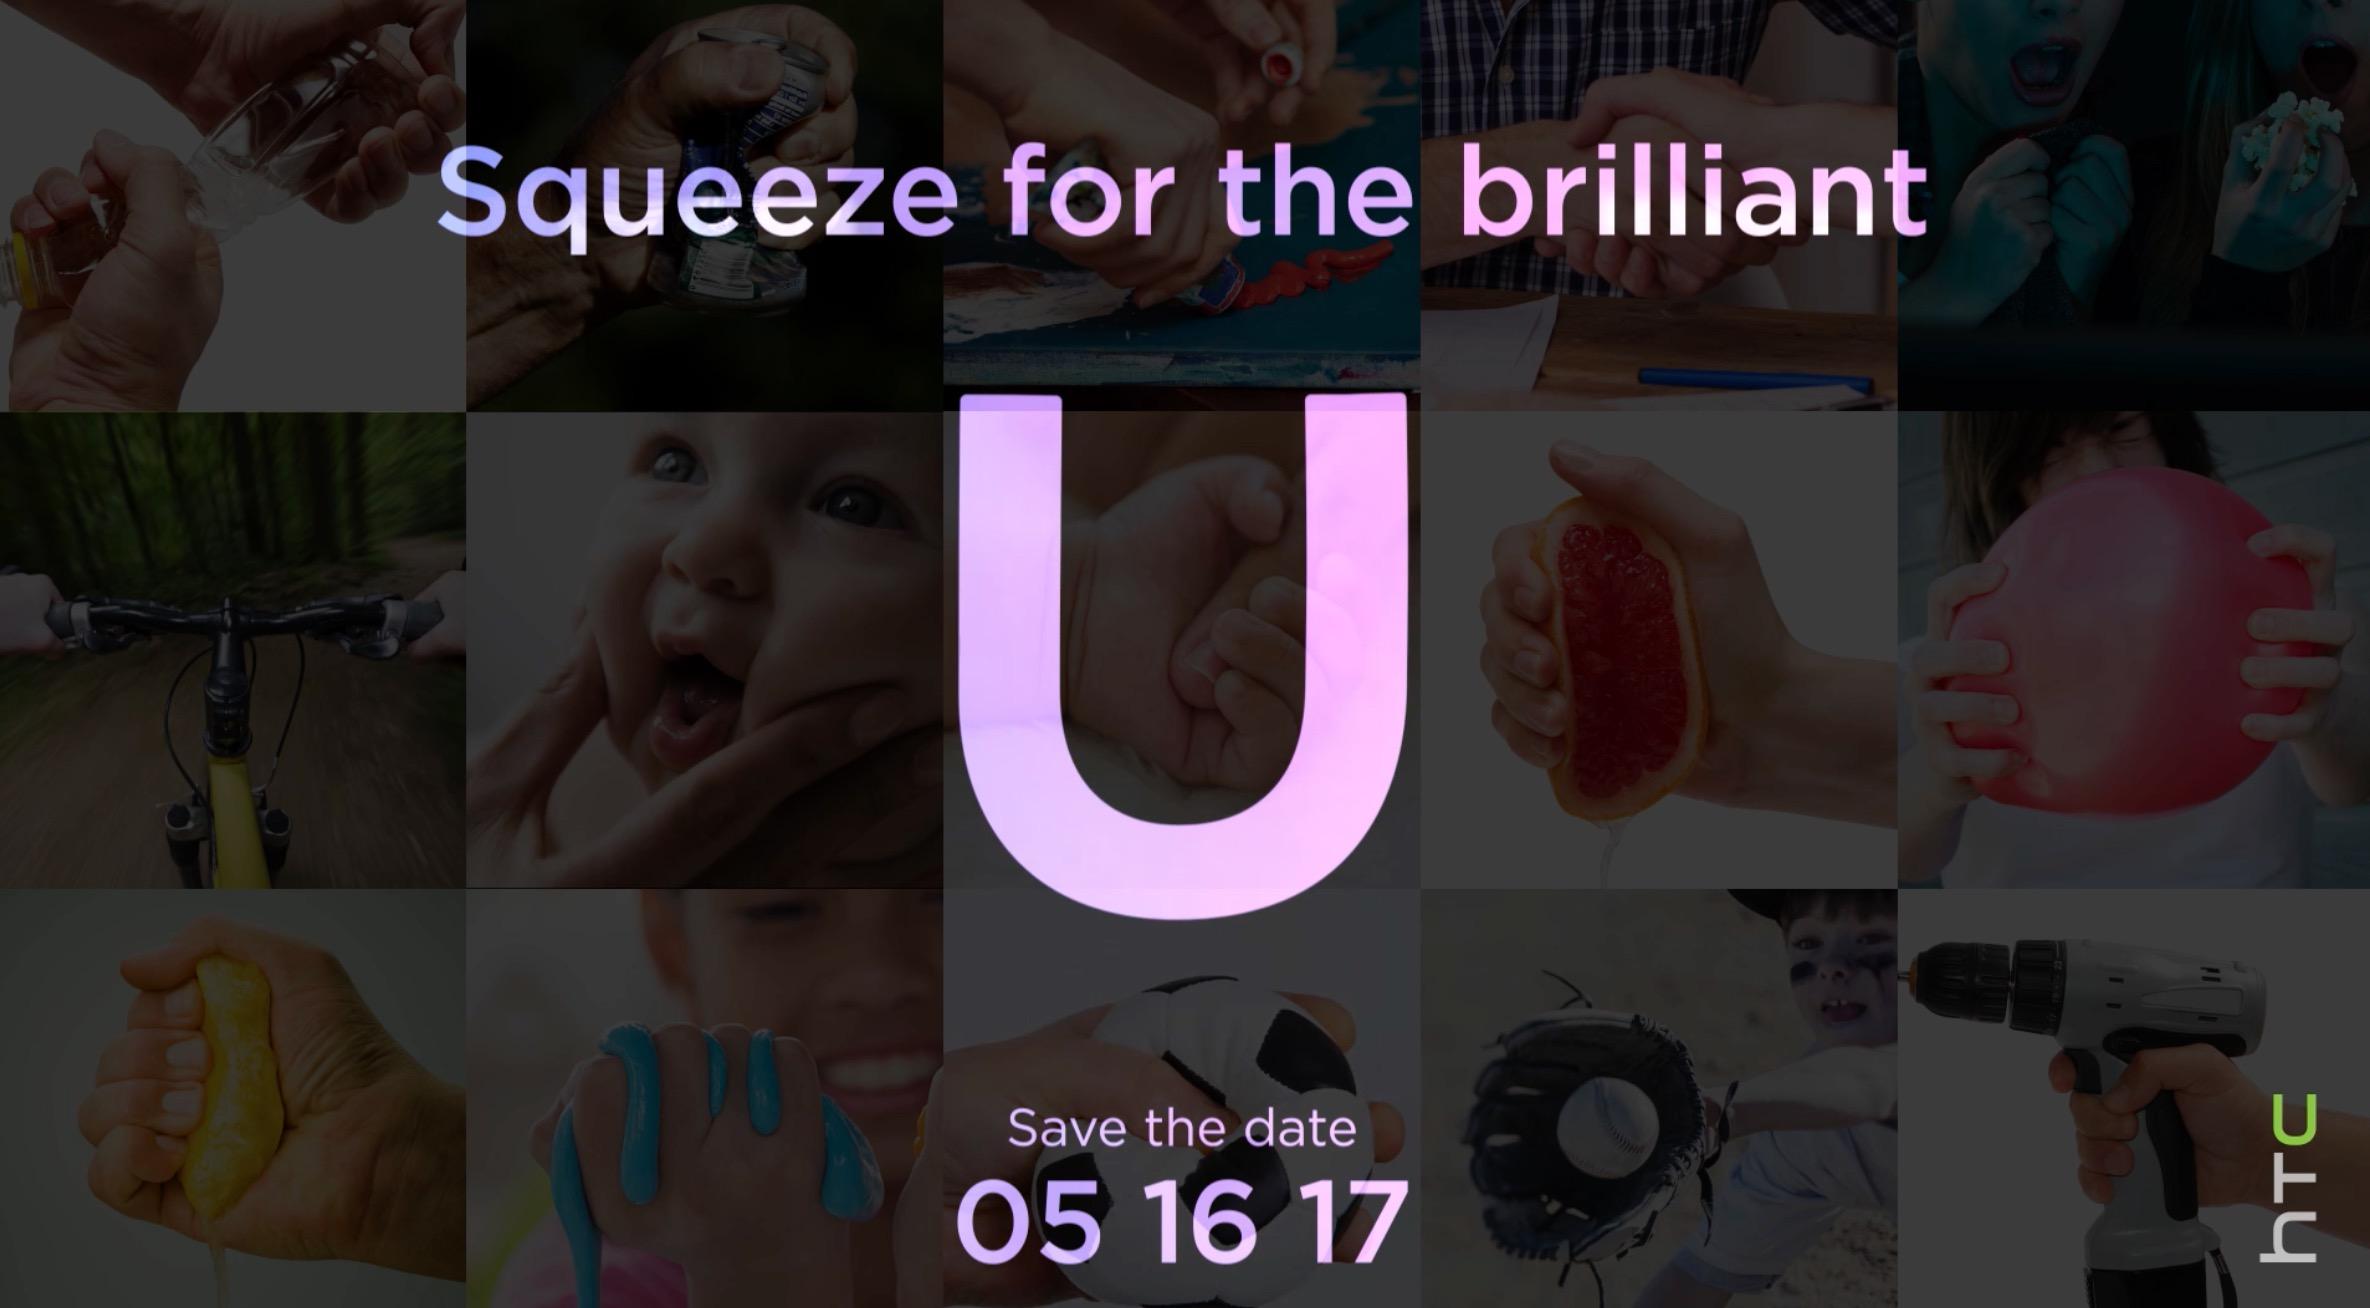 Ya tenemos fecha para el próximo tope de gama de HTC